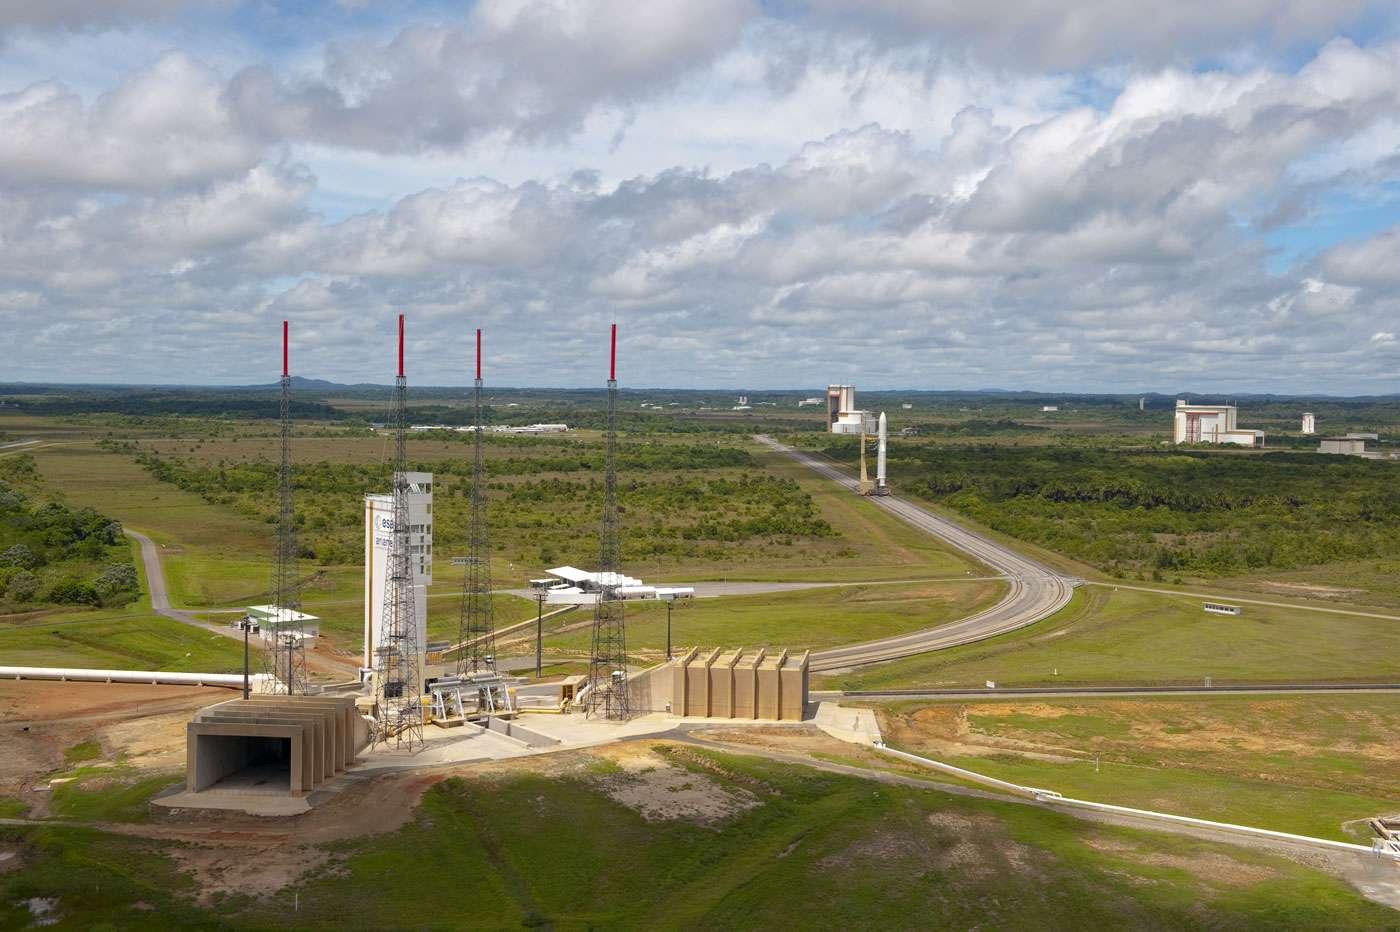 Transfert d'une Ariane 5 sur son pas de tir du Centre spatial guyanais. © Esa/Cnes/Arianespace, S. Corvaja